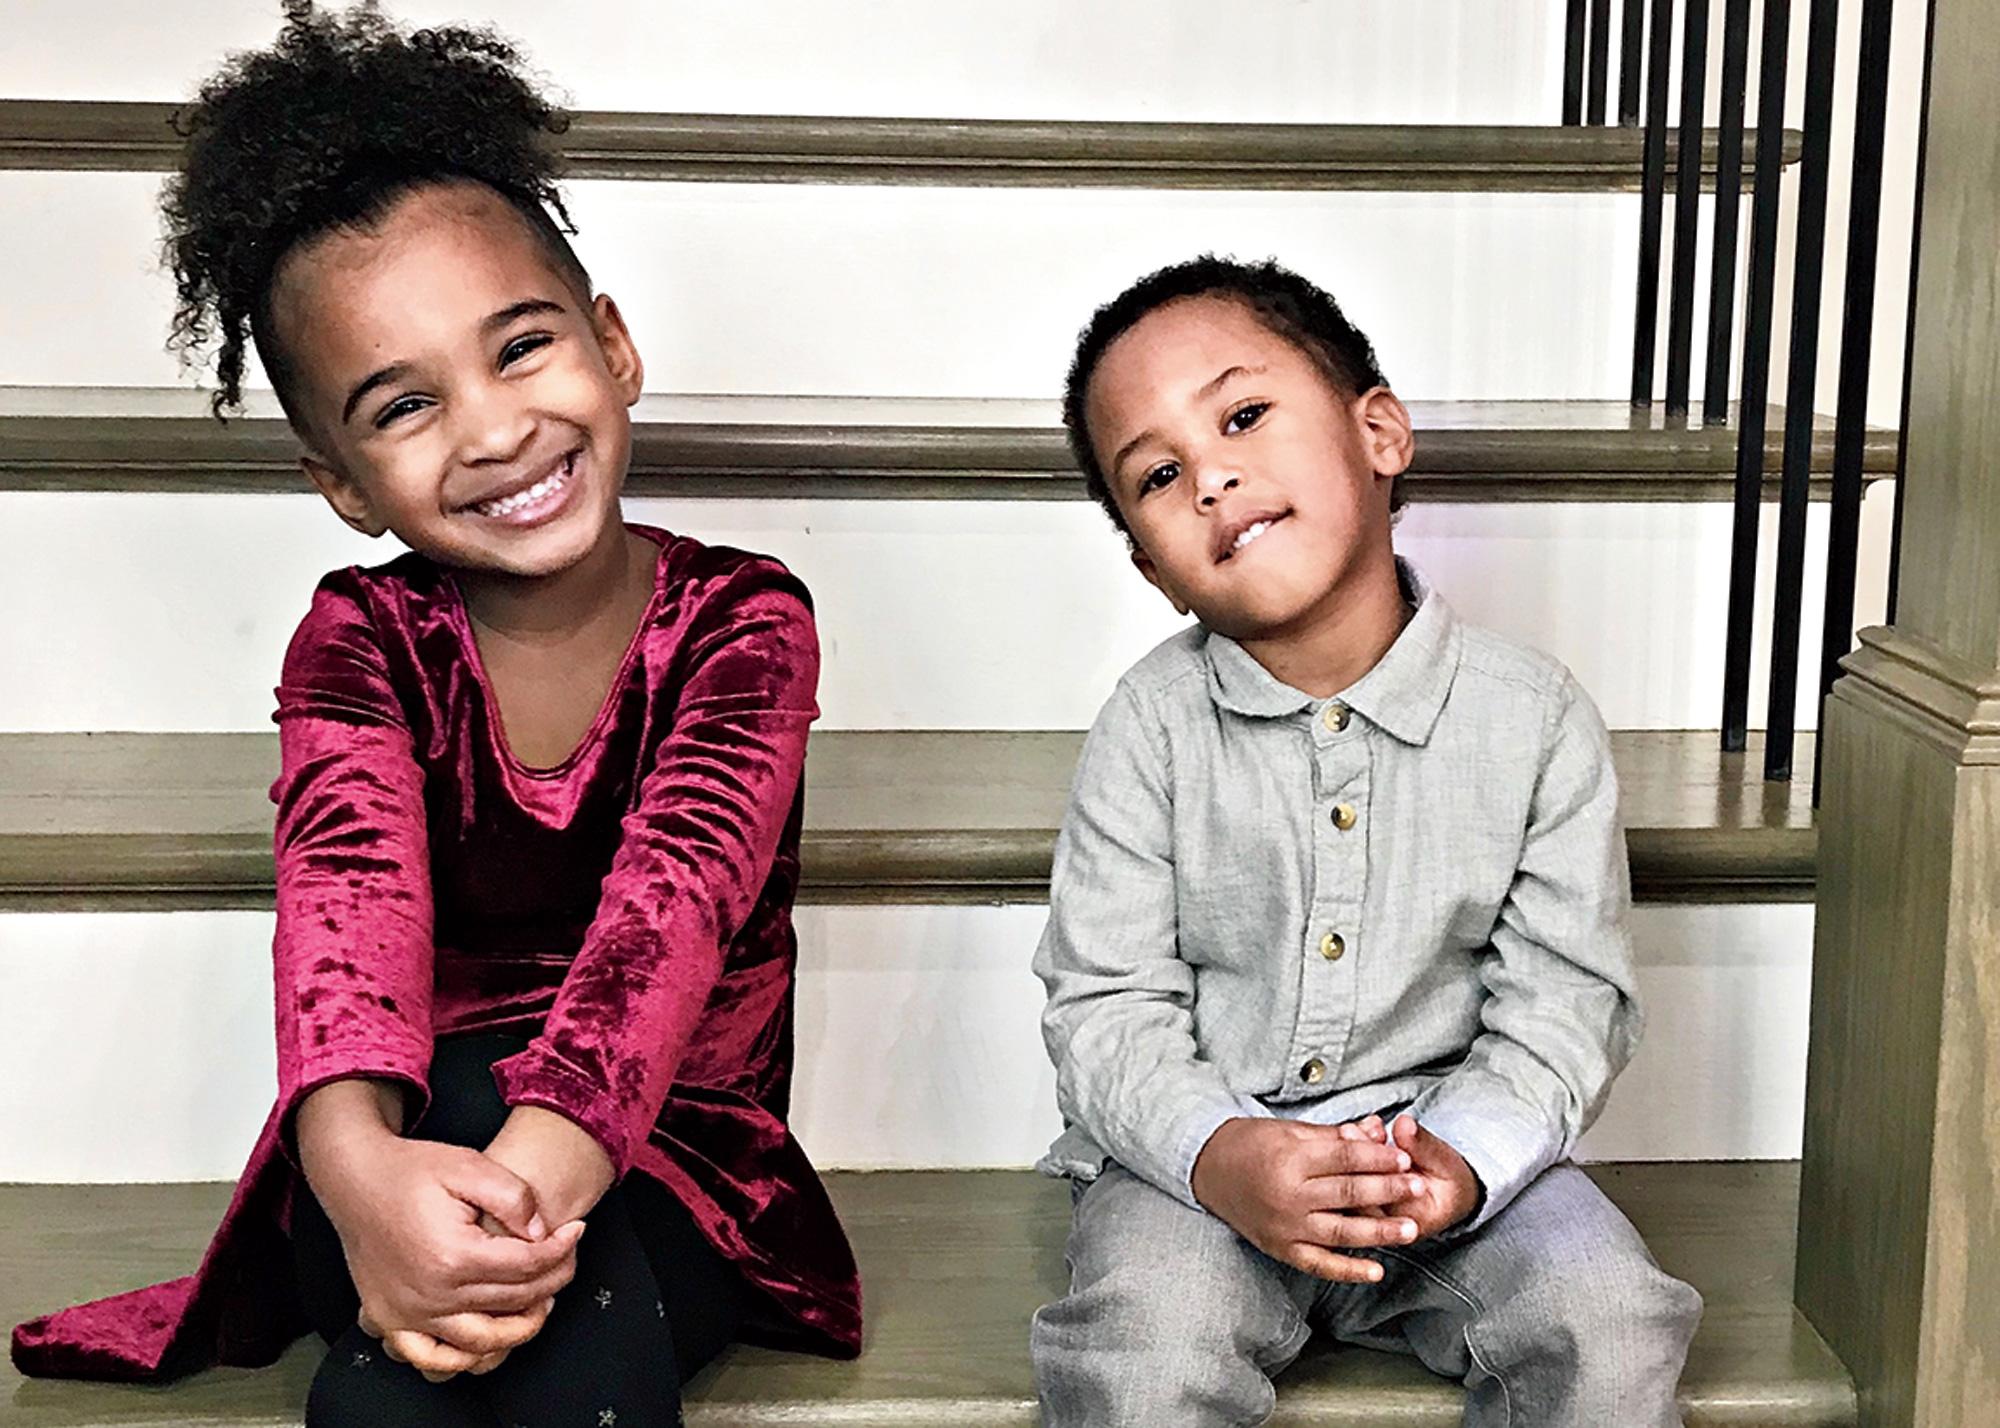 Samia Ali, 4, with her brother Zayn, 2.